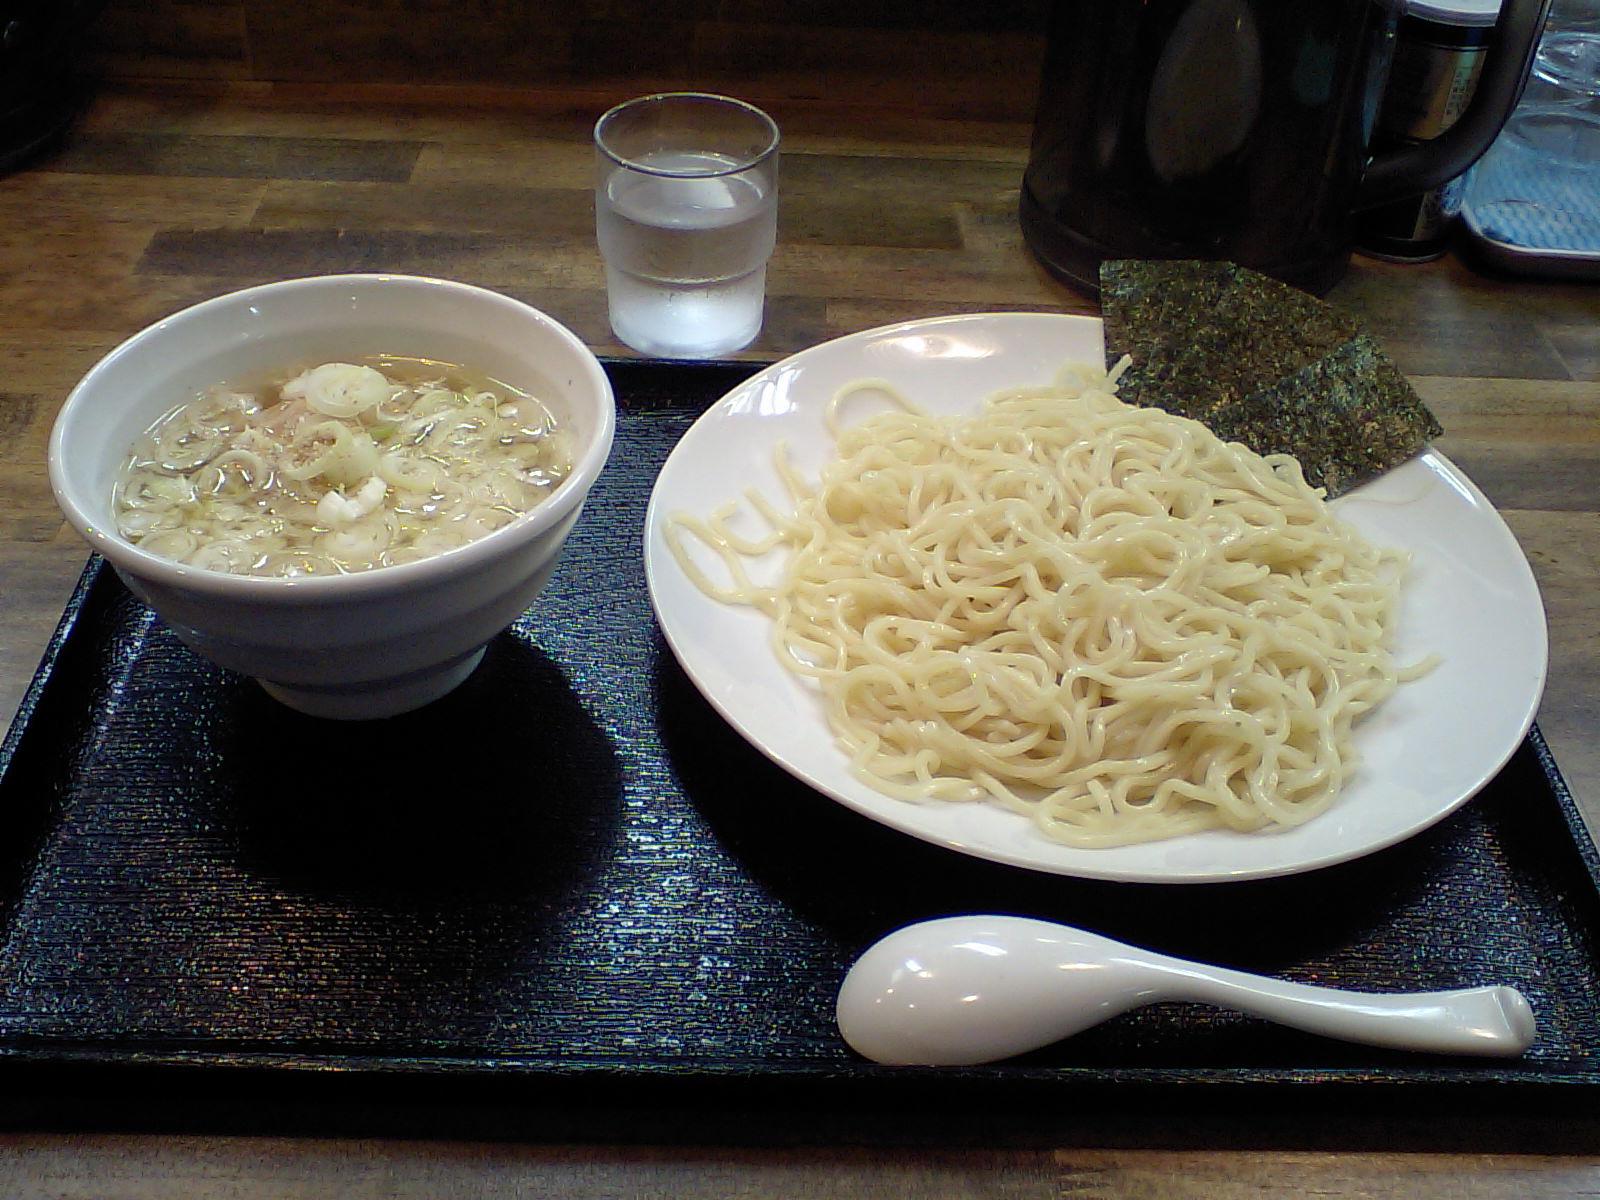 つけ麺の画像 p1_35